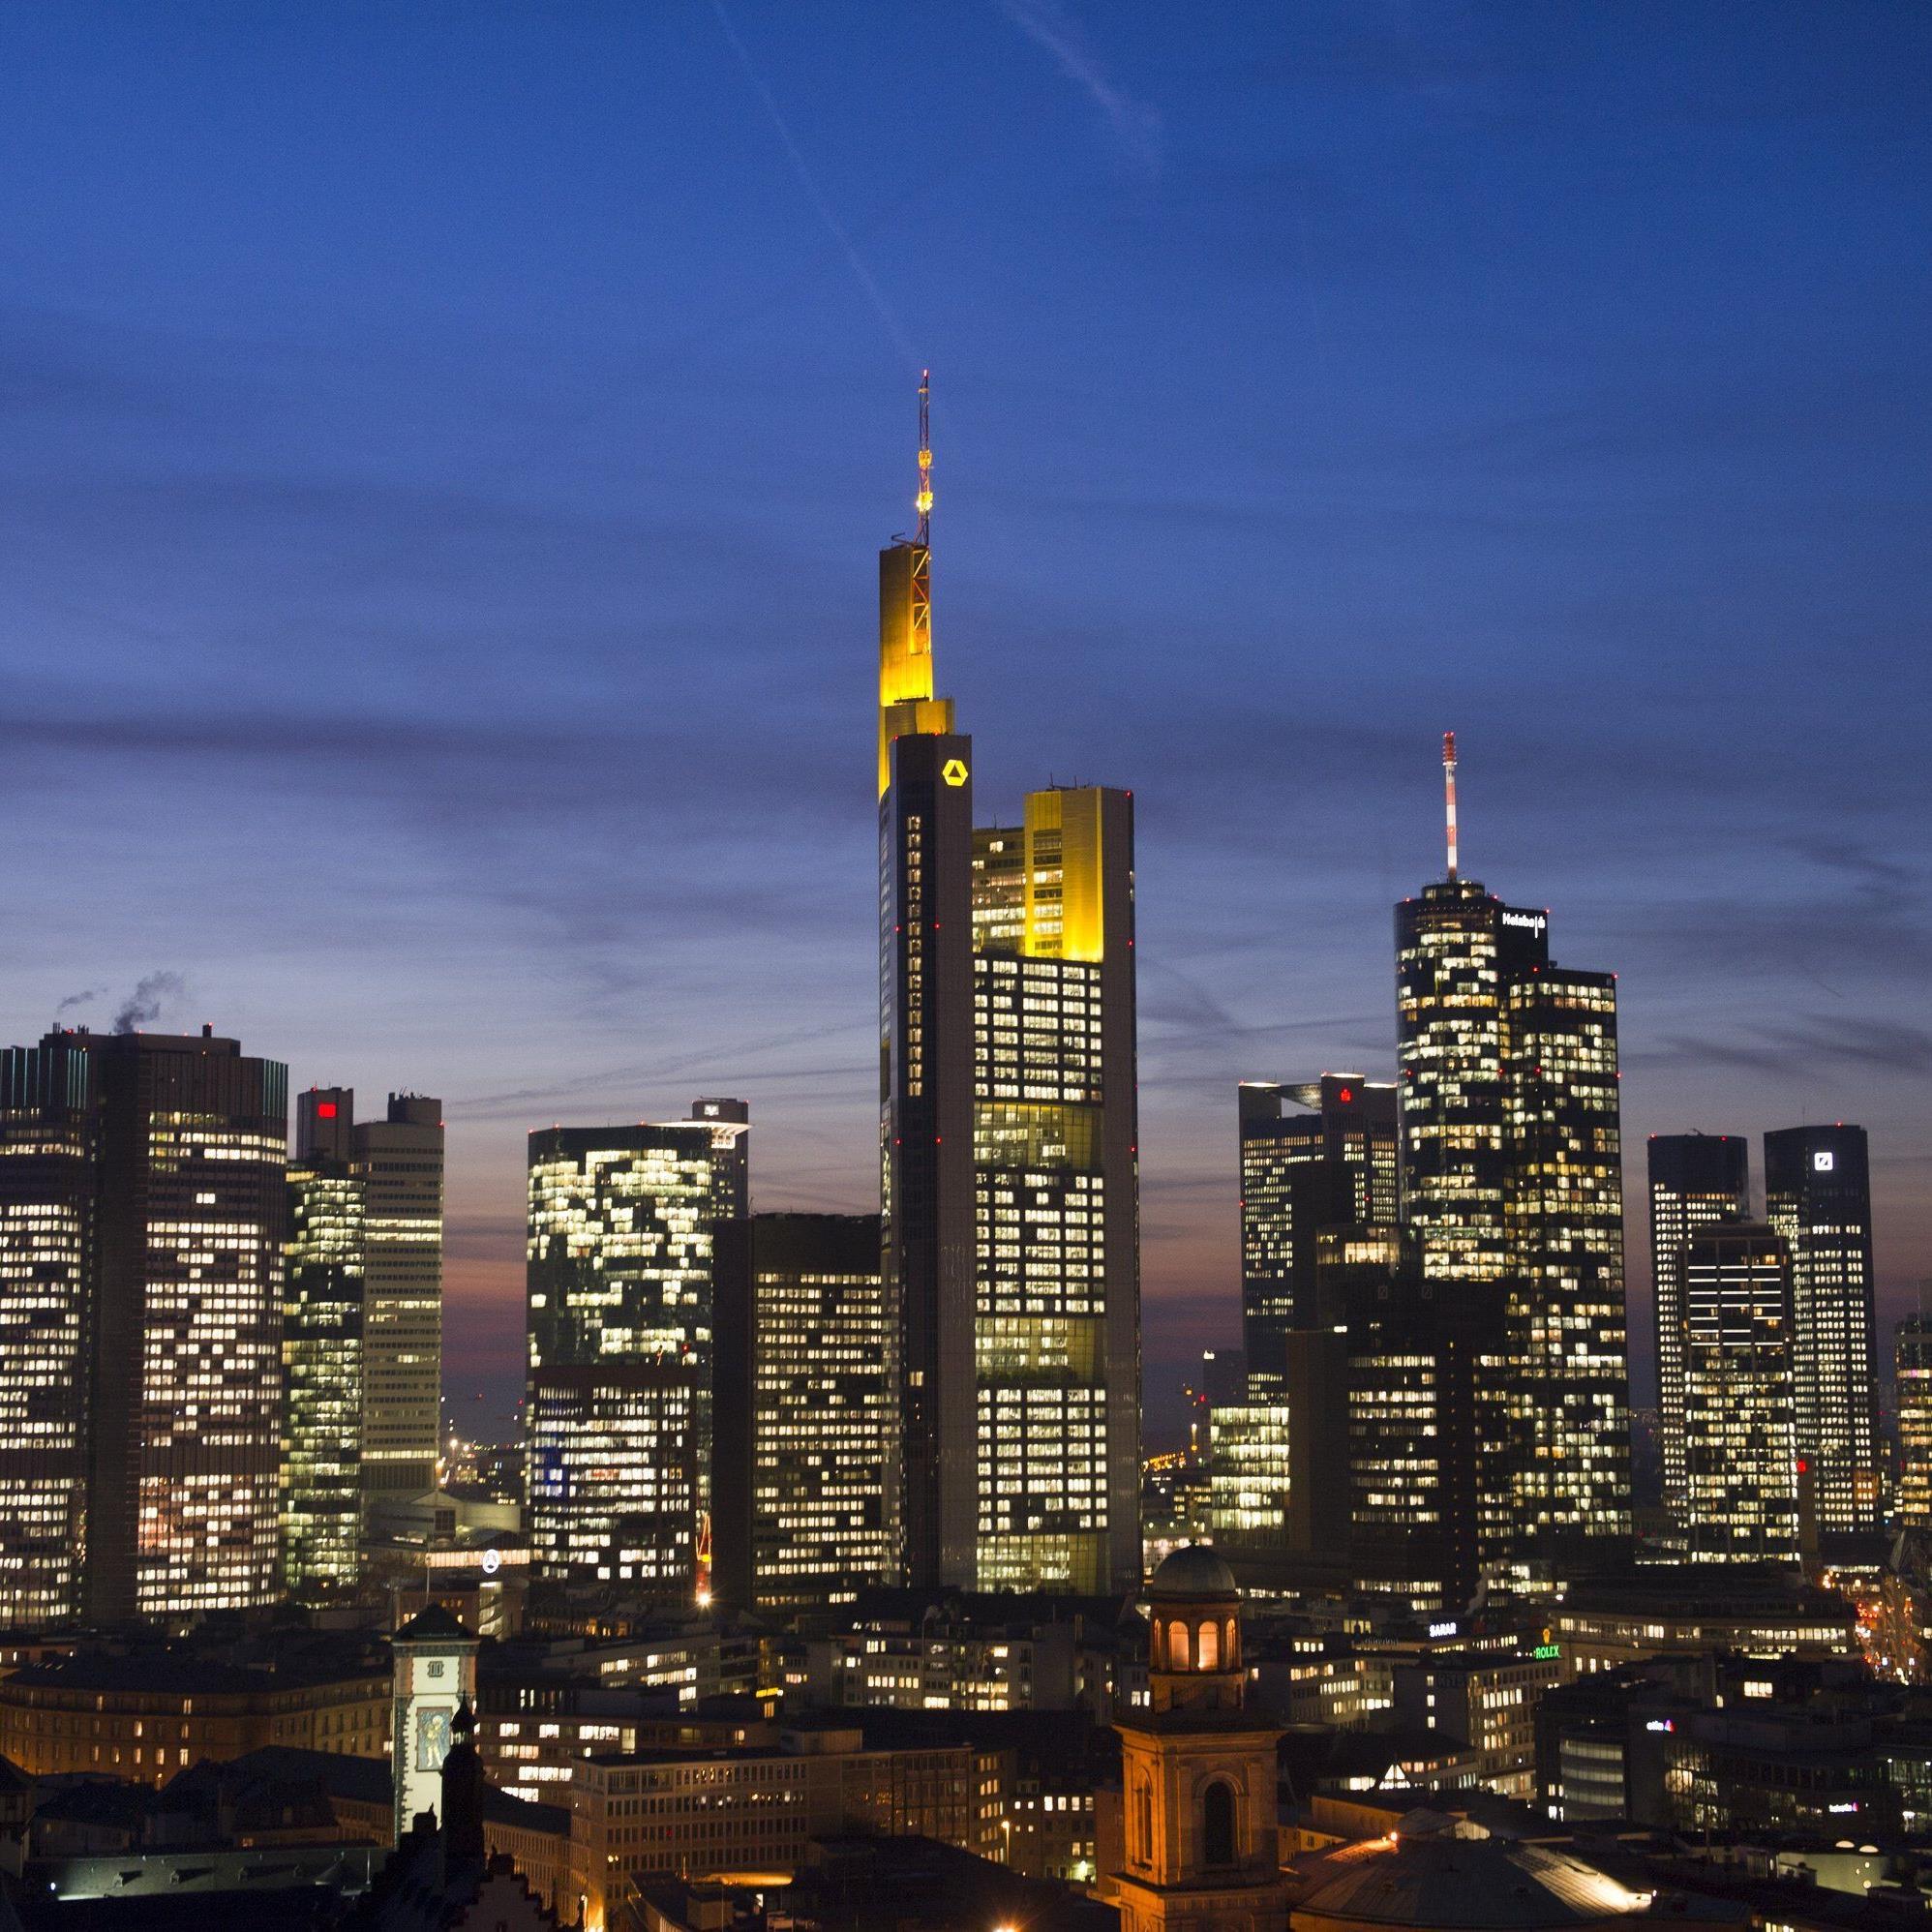 Das Regelwerk zur Bankenabwicklung und der europäische Notfonds